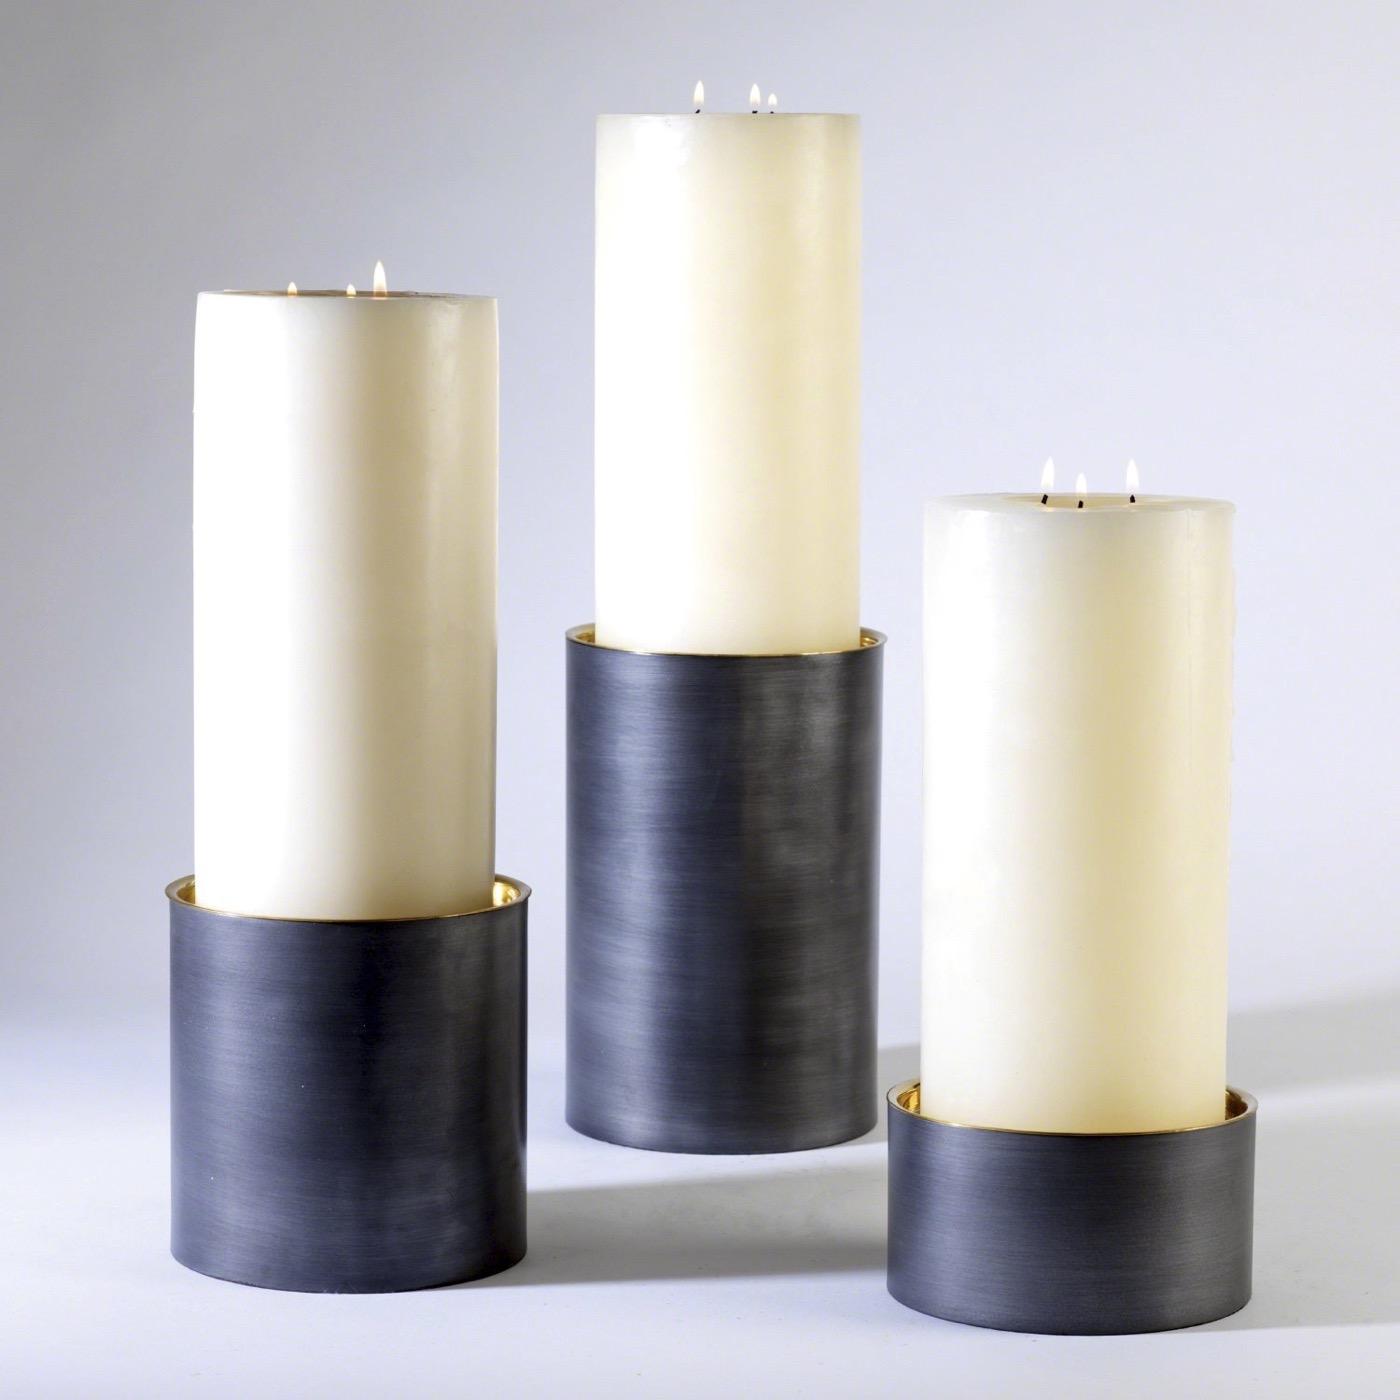 Yang Pillar Candleholders